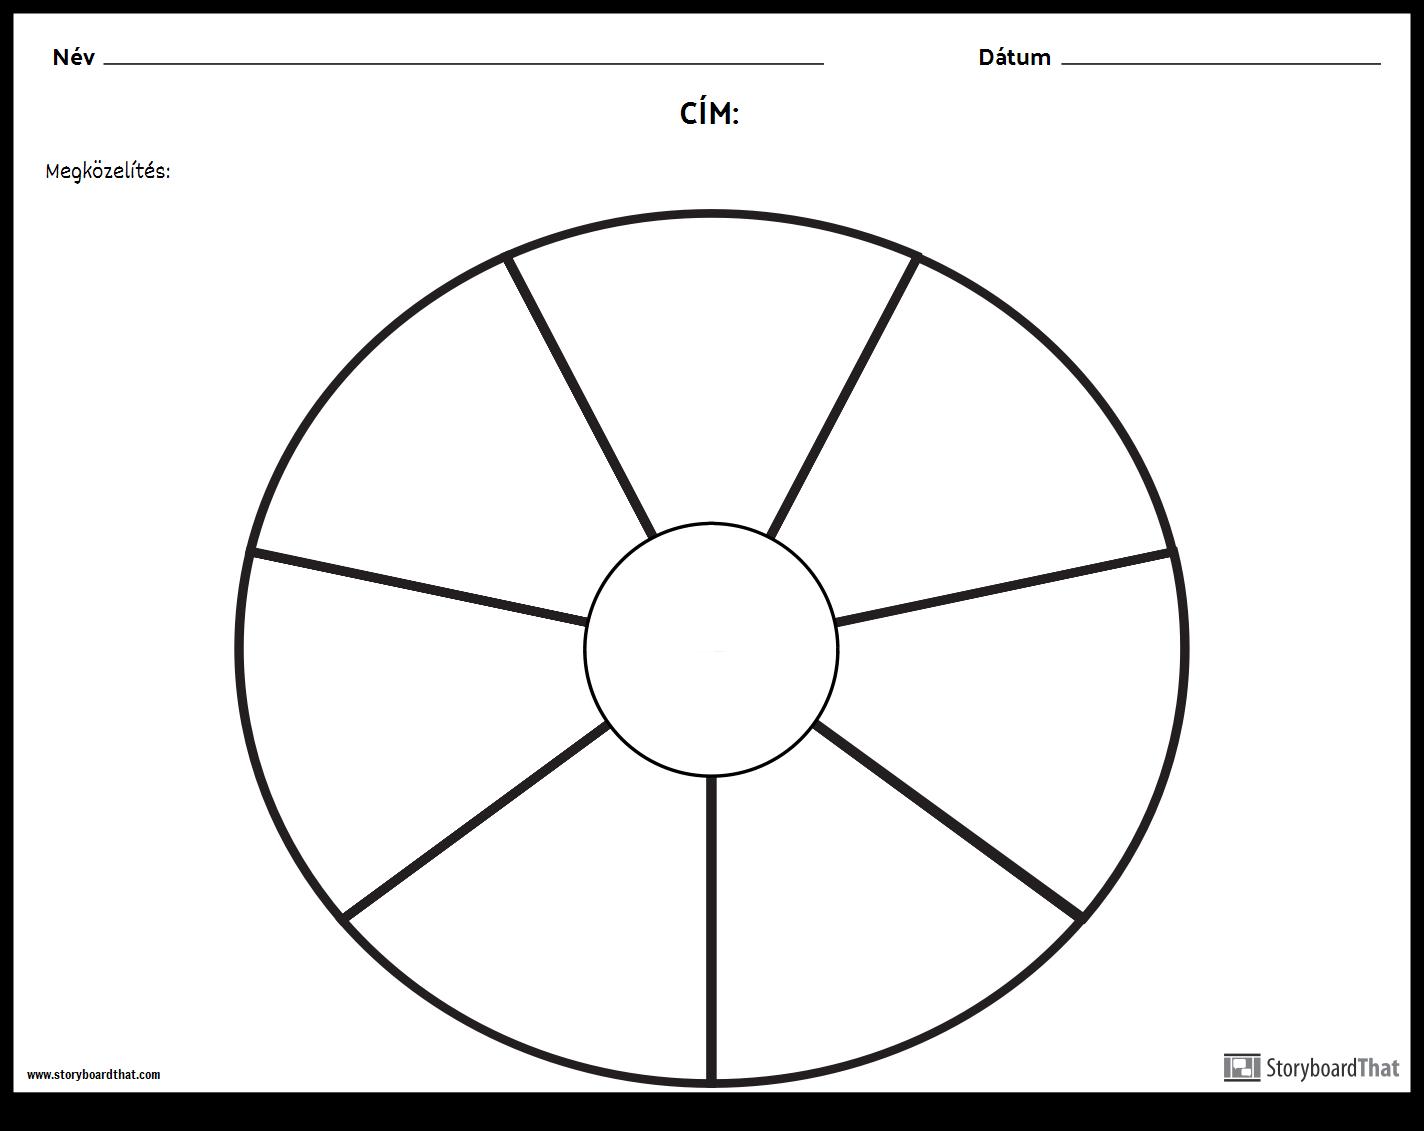 Kördiagram - 9